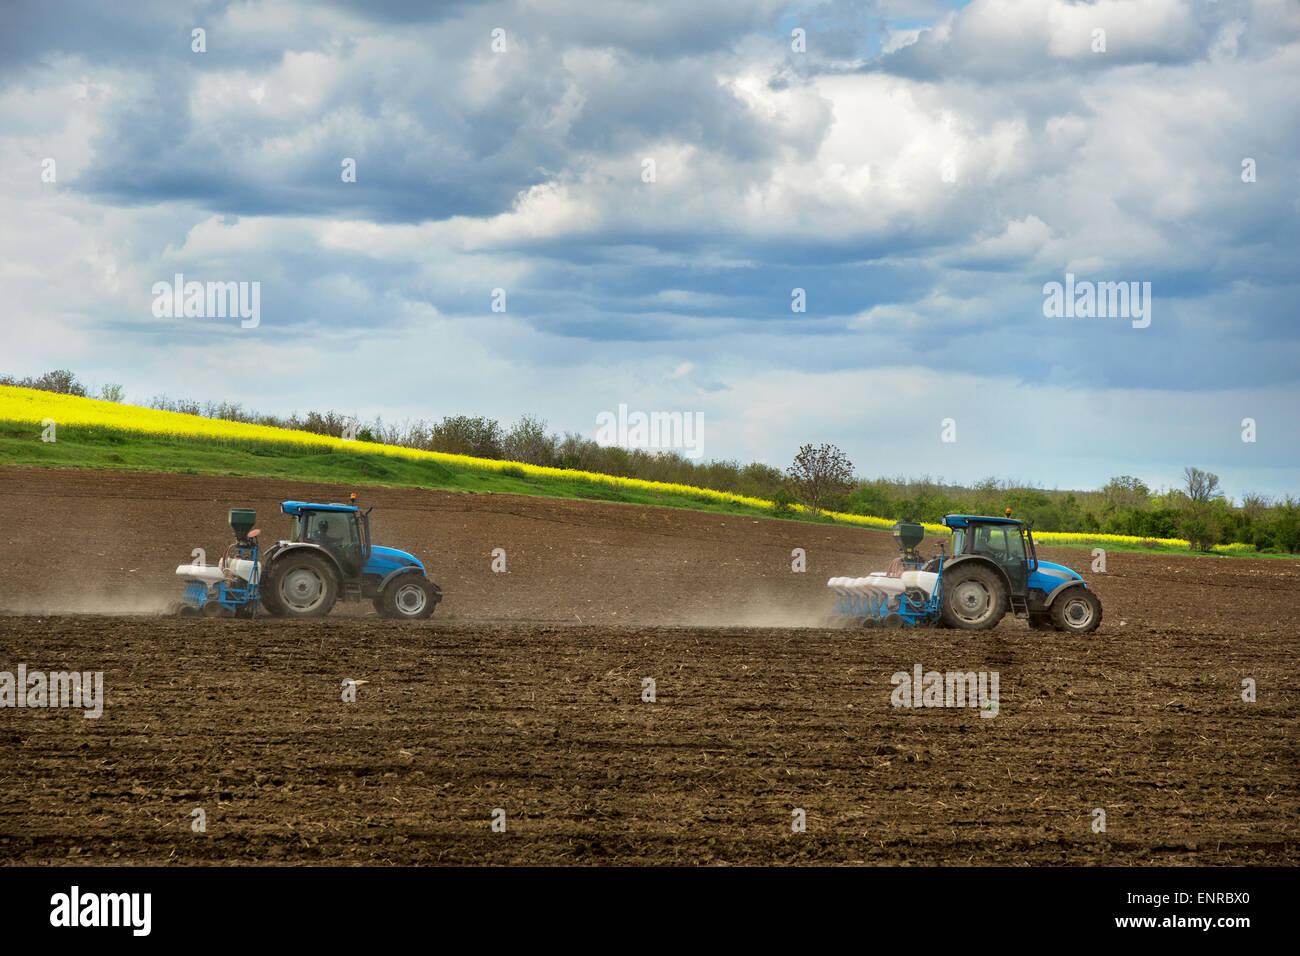 Un champ agricole tracteurs avec un Photo Stock